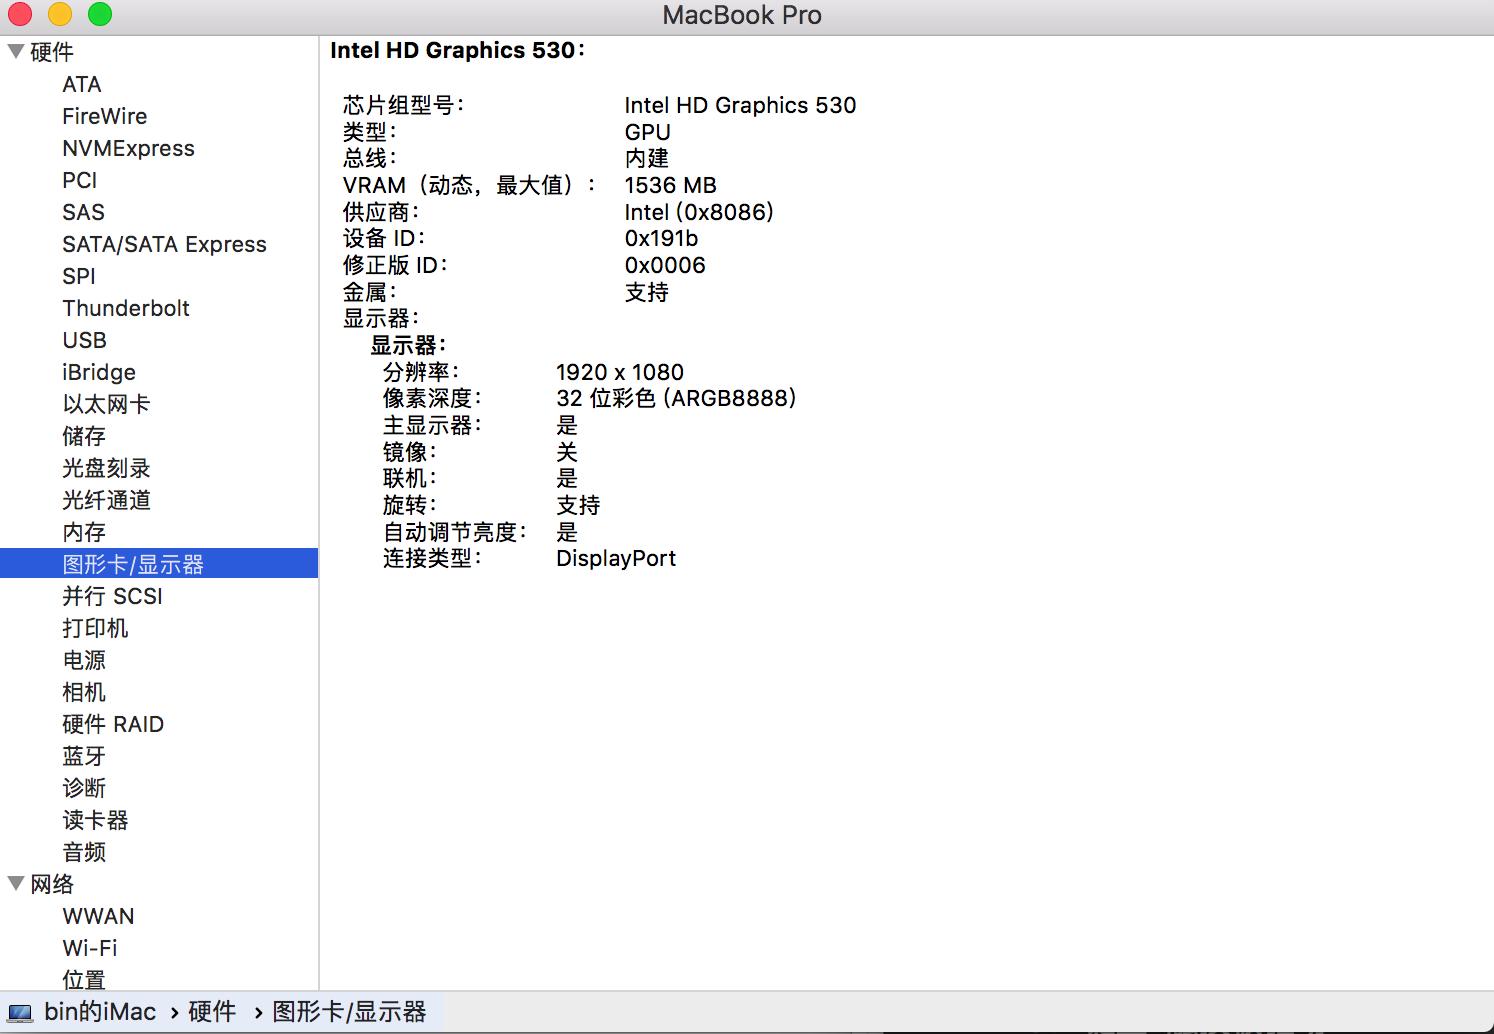 微星GS60 UHD 10 12 4 黑苹果教程- 枫斌- CSDN博客